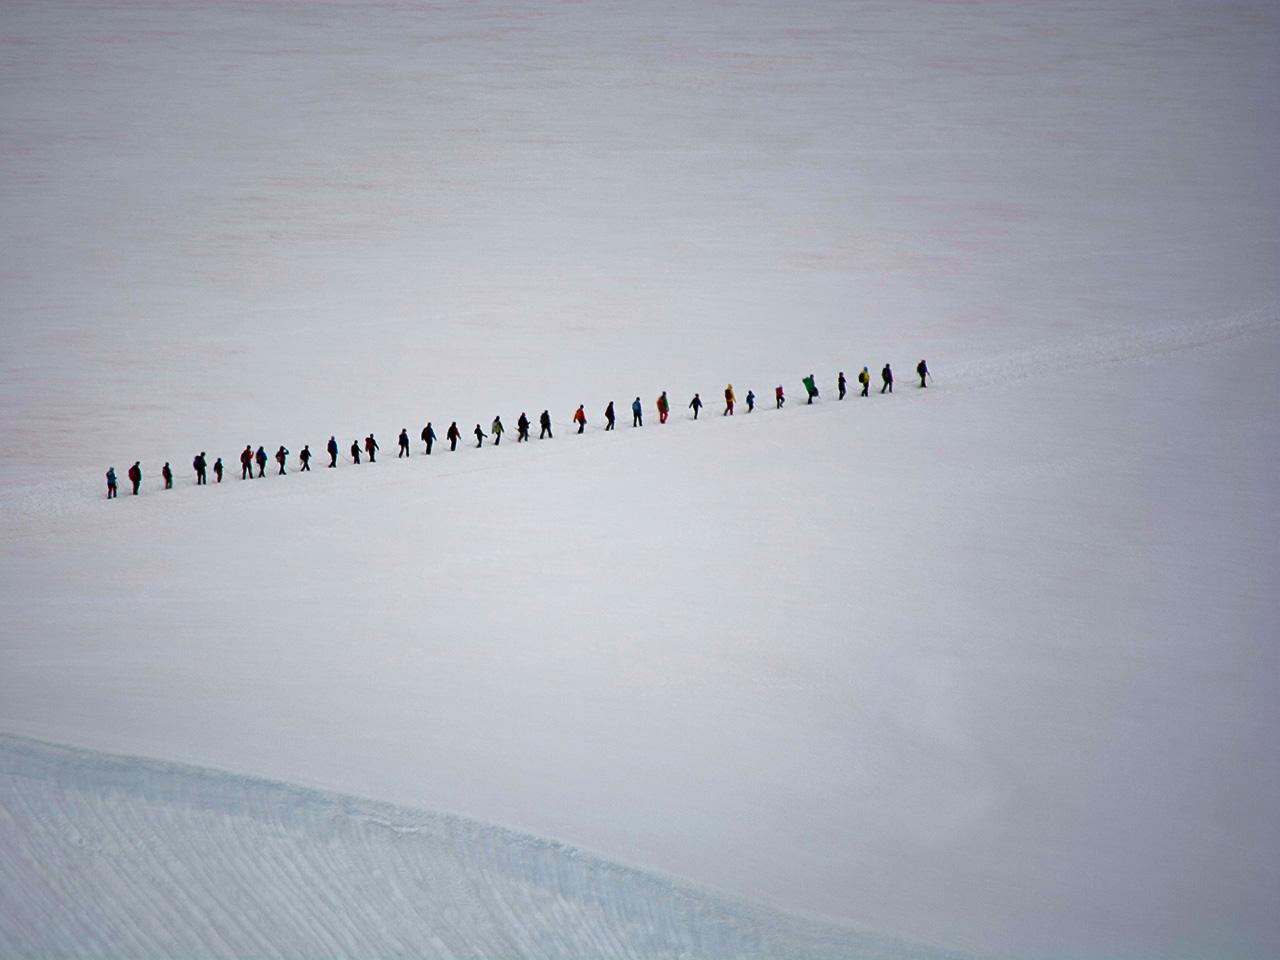 lämmeltåg_på_glaciär